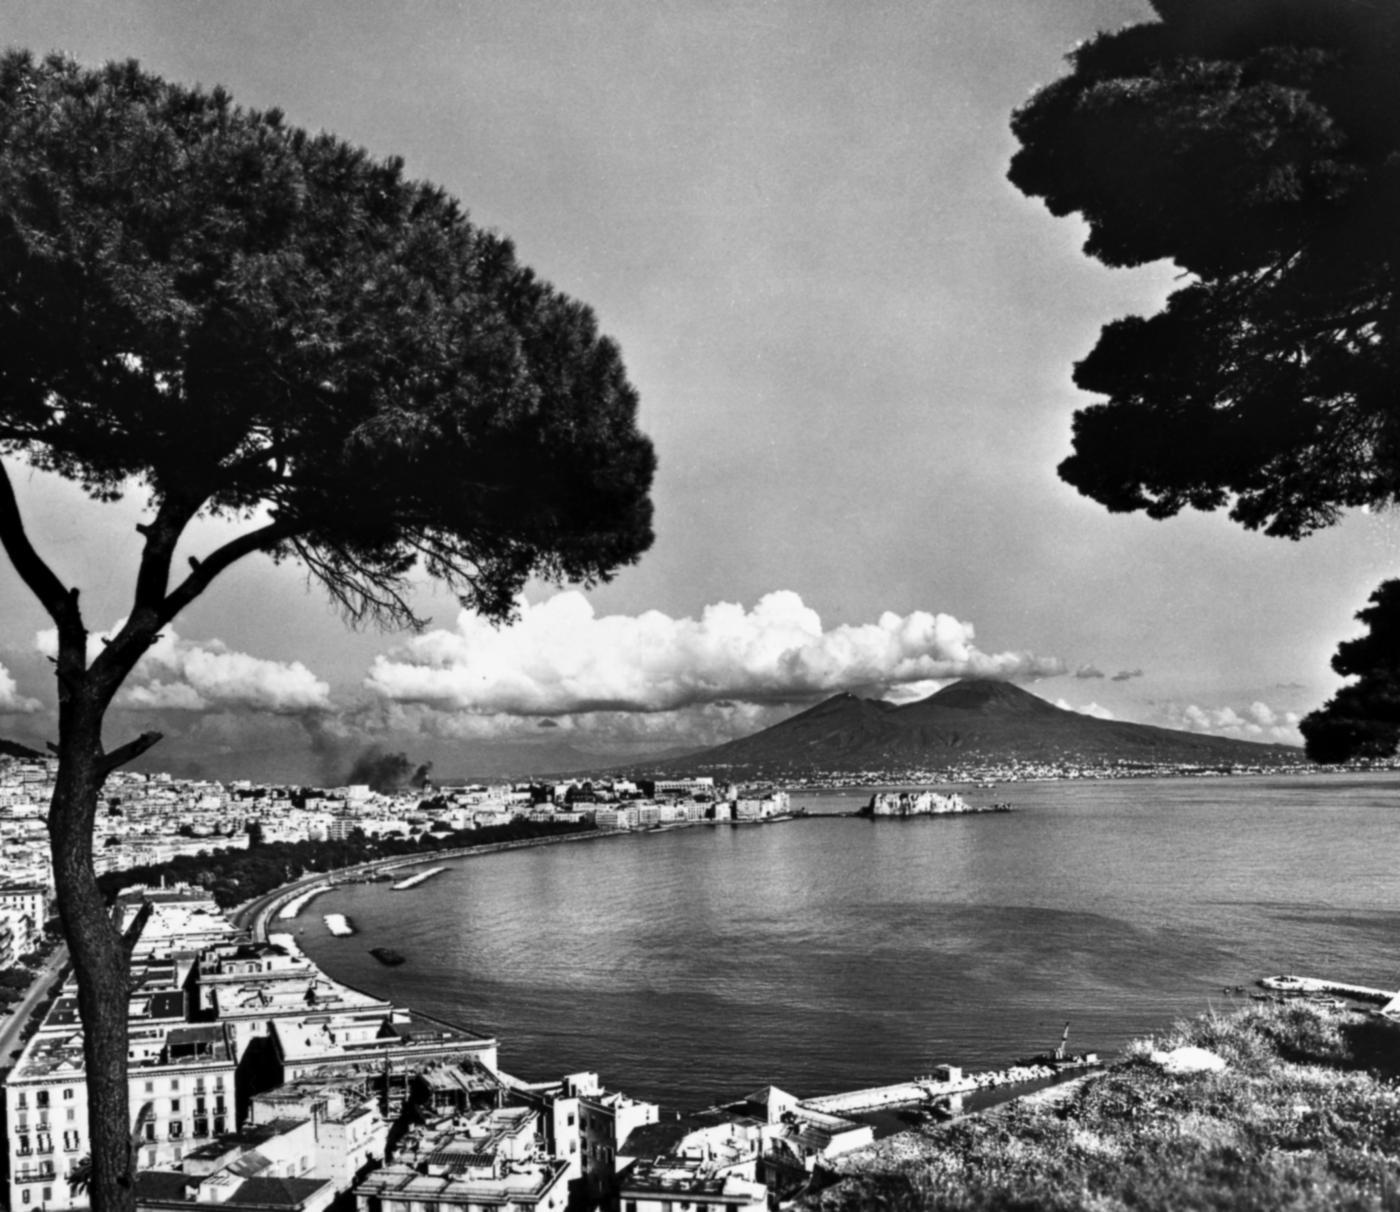 Perché si dice 'partenopei'? Significato del termine attribuito alla città di Napoli